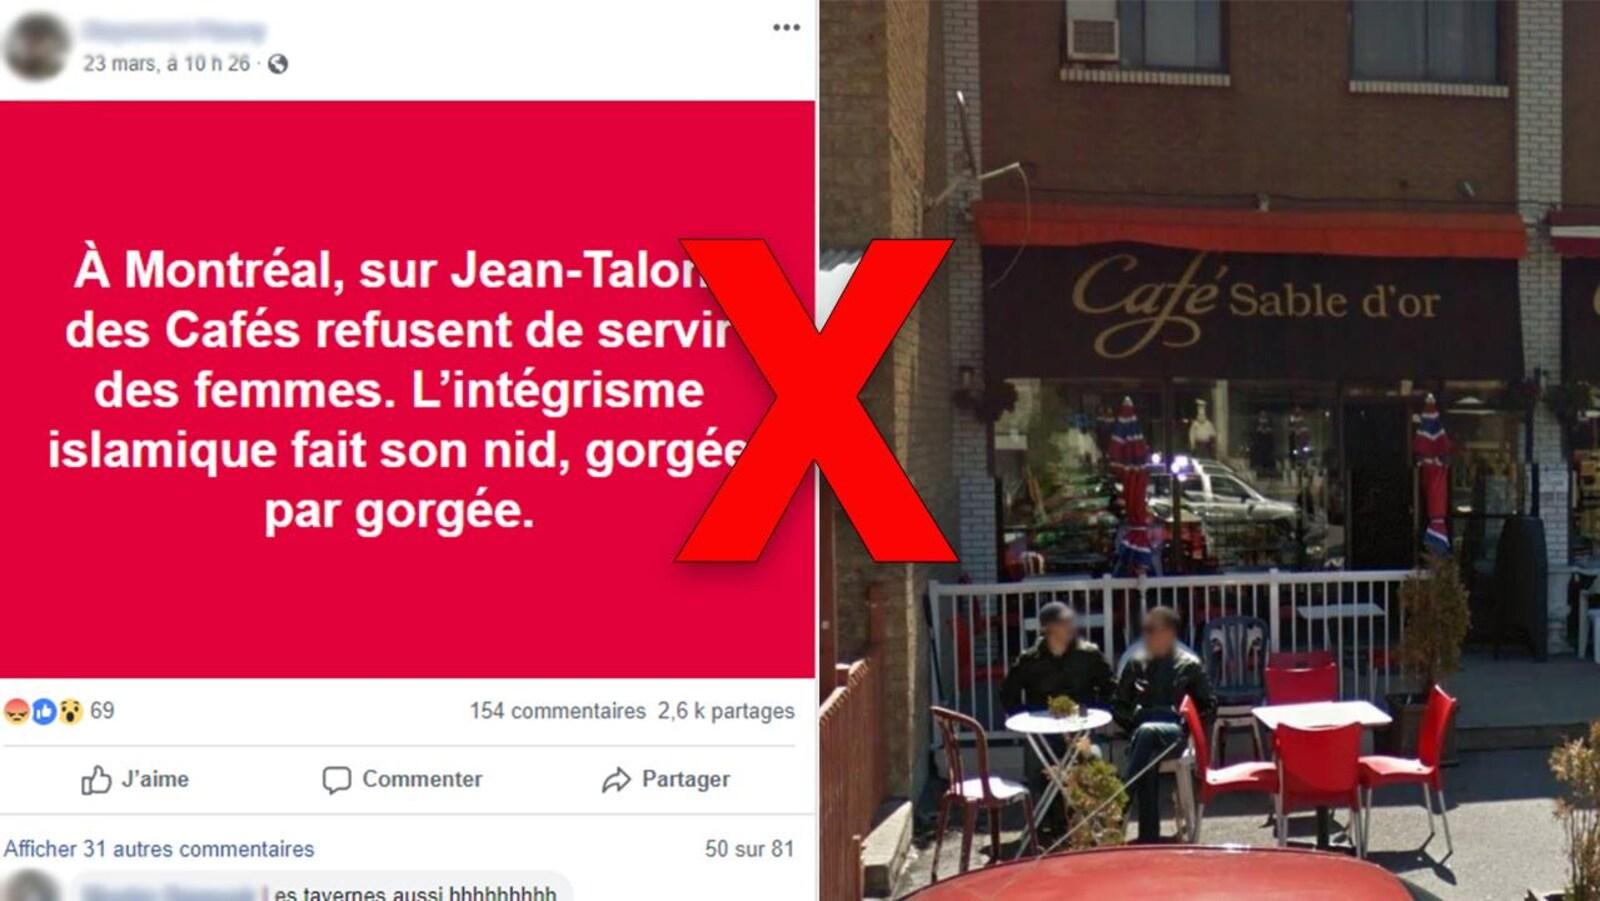 Une publication Facebook sur laquelle est écrit: « À Montréal, sur Jean-Talon, des Cafés refusent de servir des femmes. L'intégrisme islamique fait son nid, gorgée par gorgée. »